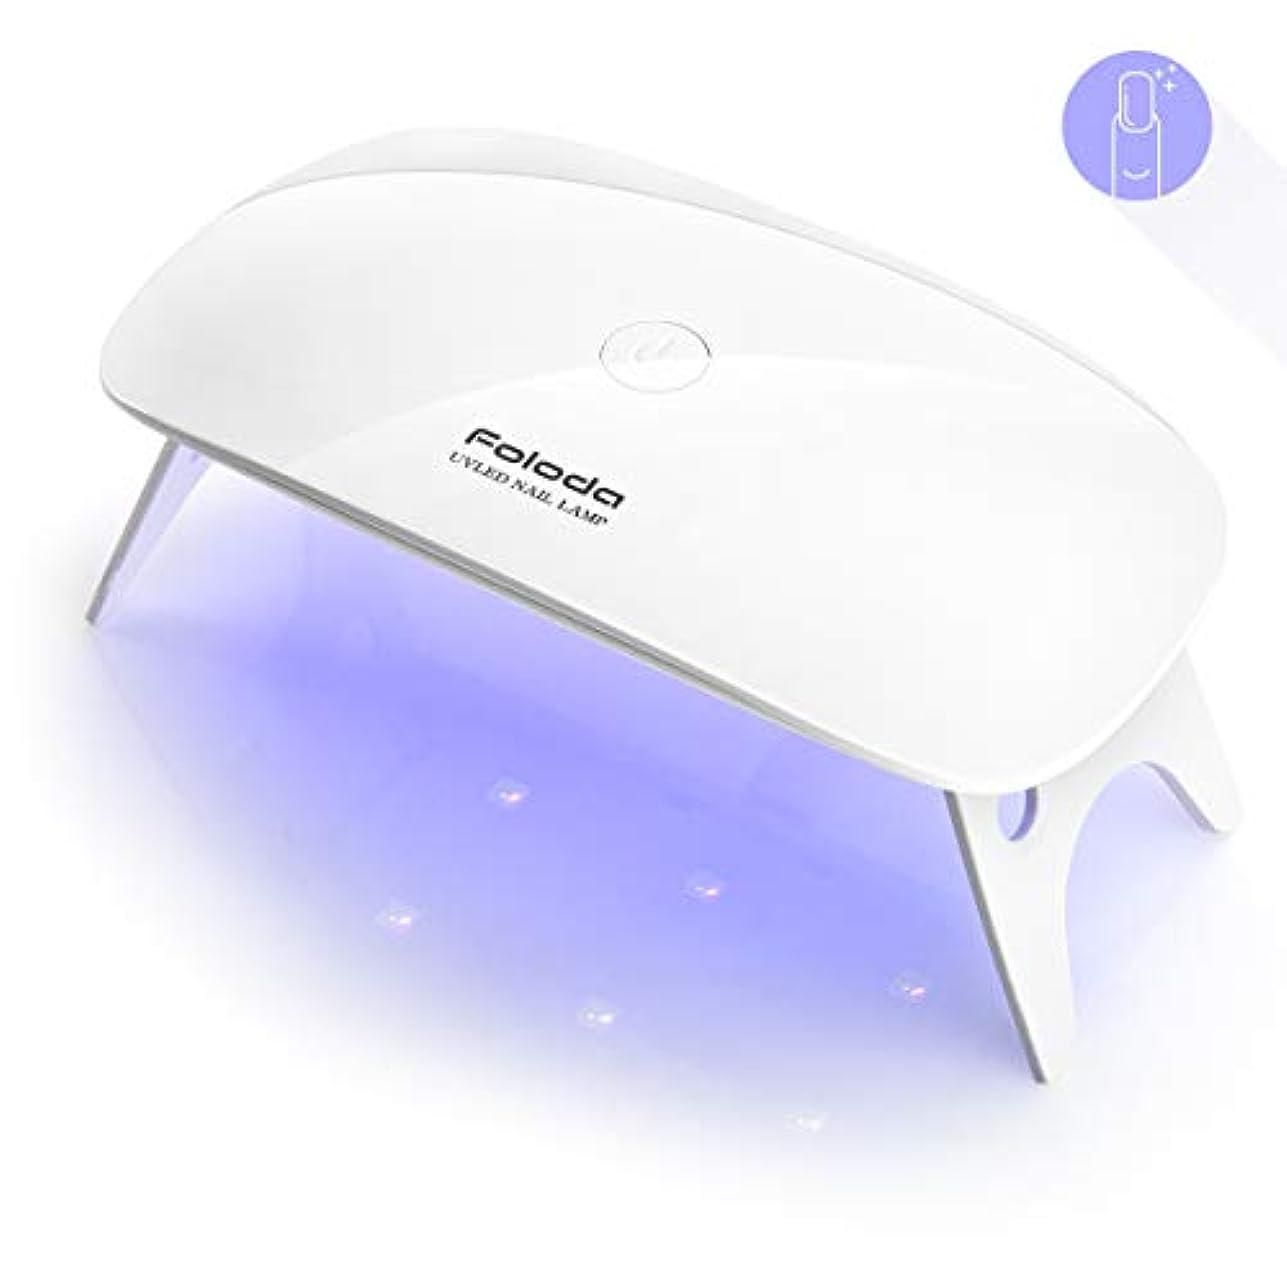 災害オペレーター突破口LEDネイルドライヤー UVライト Foloda タイマー設定可能 折りたたみ式手足とも使える 人感センサー式 LED 硬化ライト UV と LEDダブルライト ジェルネイル用 ホワイト (white)